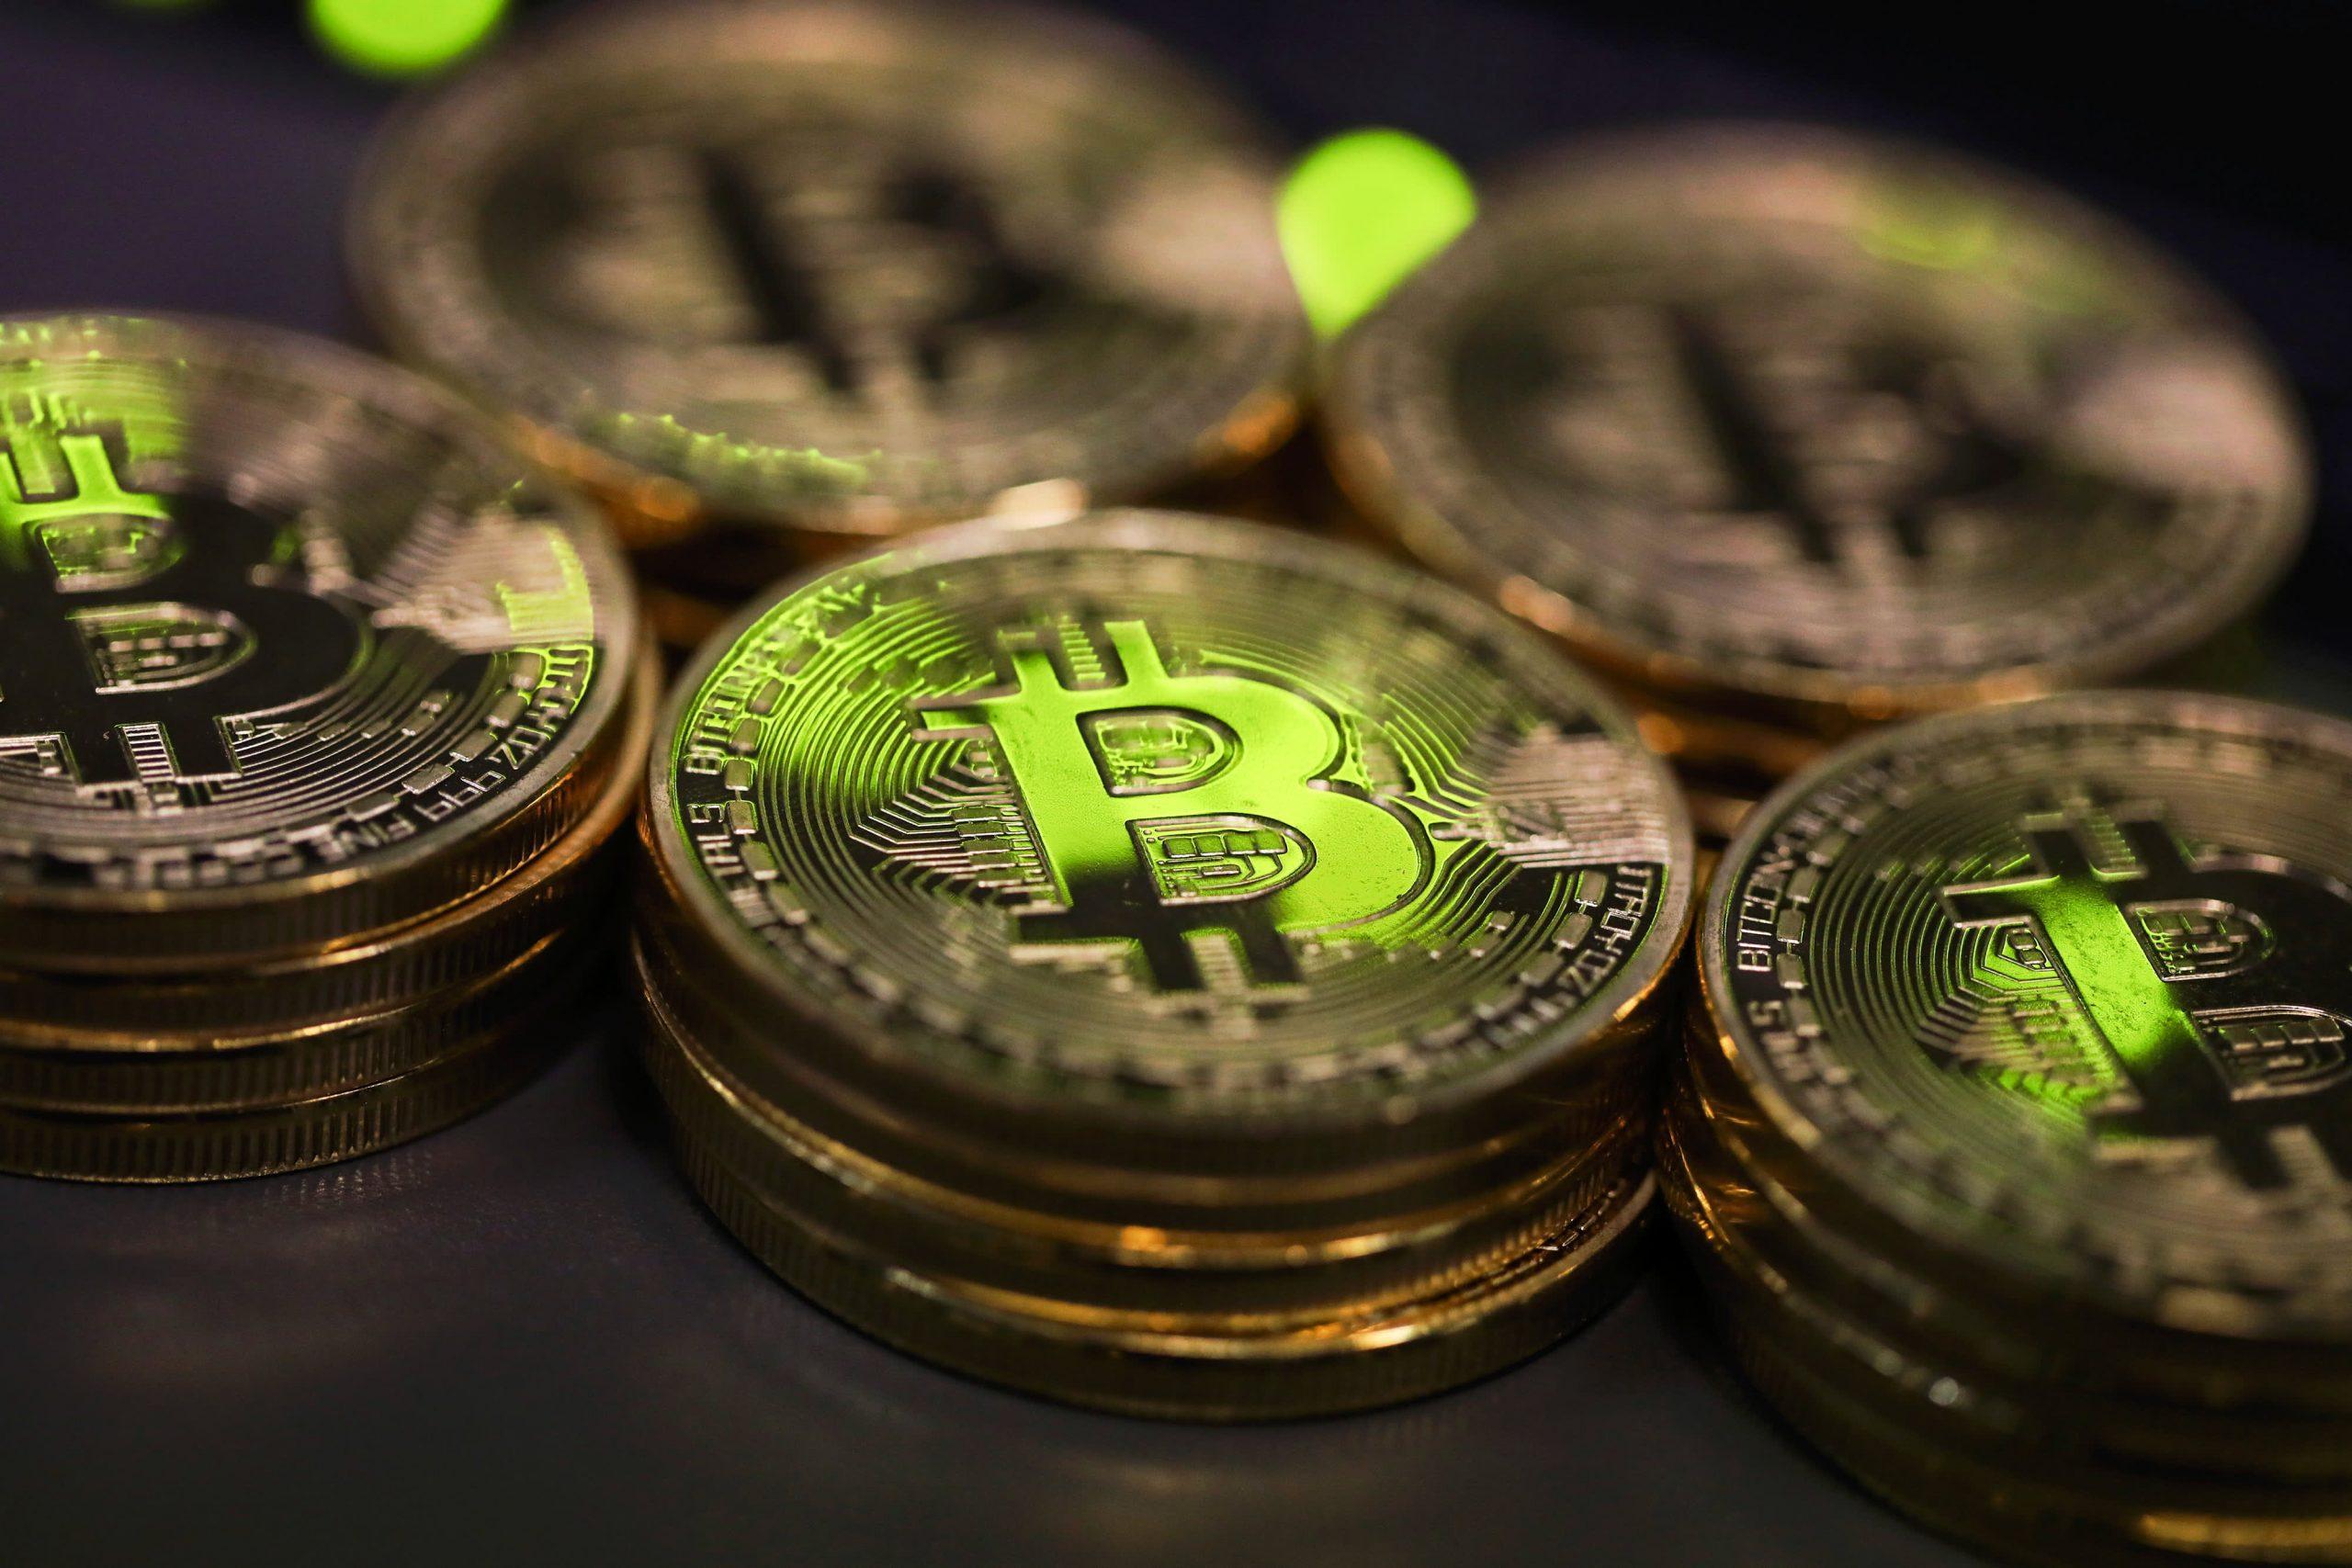 Bitcoin tuvo una primera mitad tremendamente volátil.  Aquí están 5 de los mayores riesgos que se avecinan.